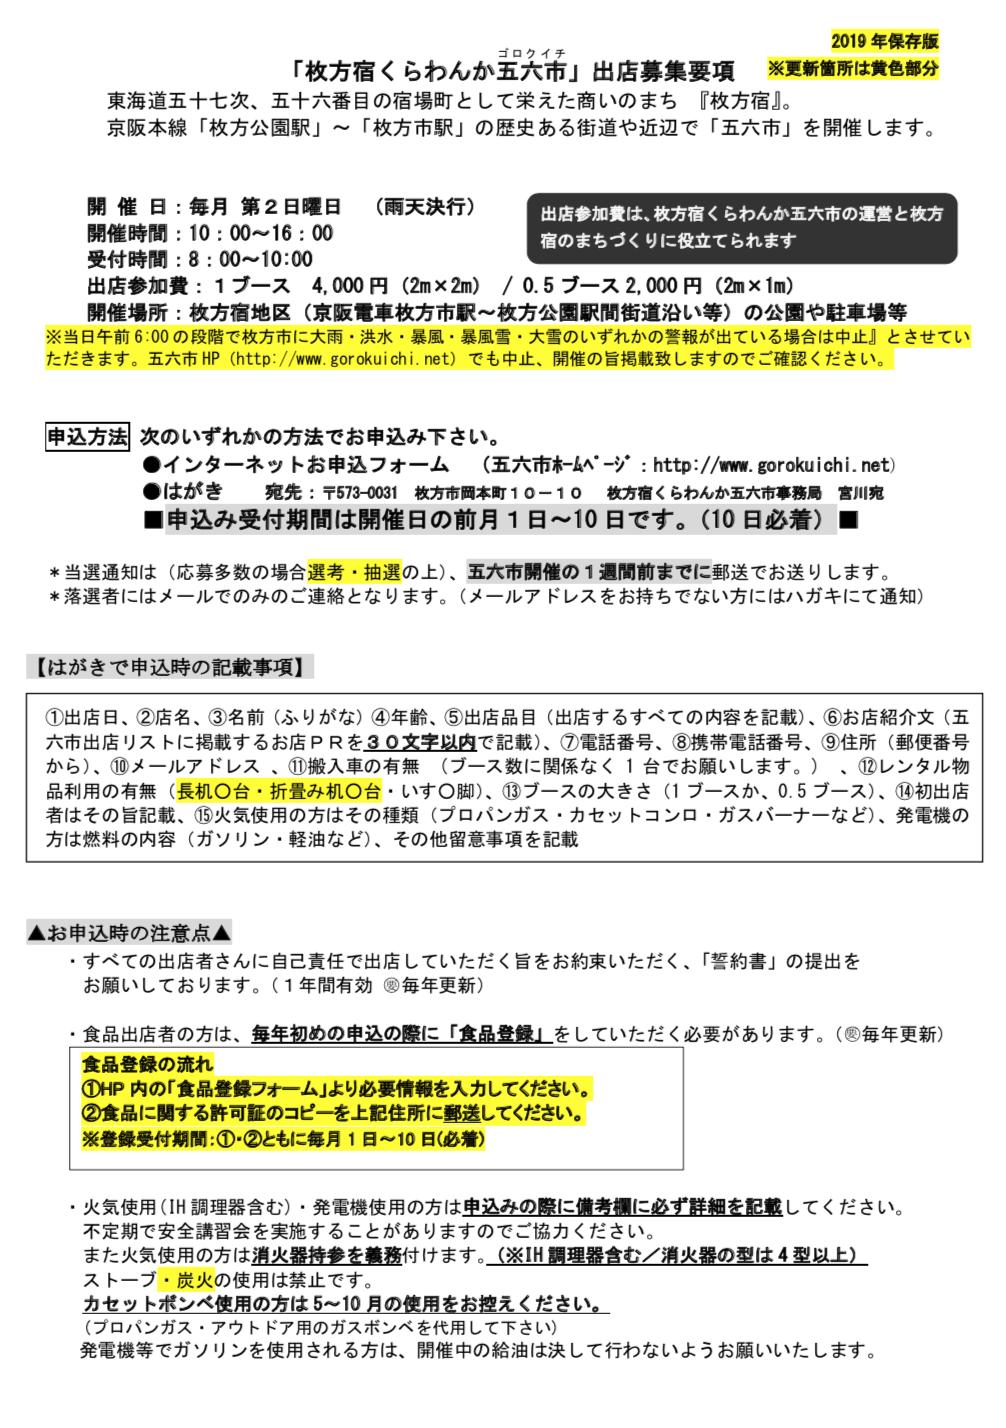 f:id:gorokuichi:20181130184922p:plain